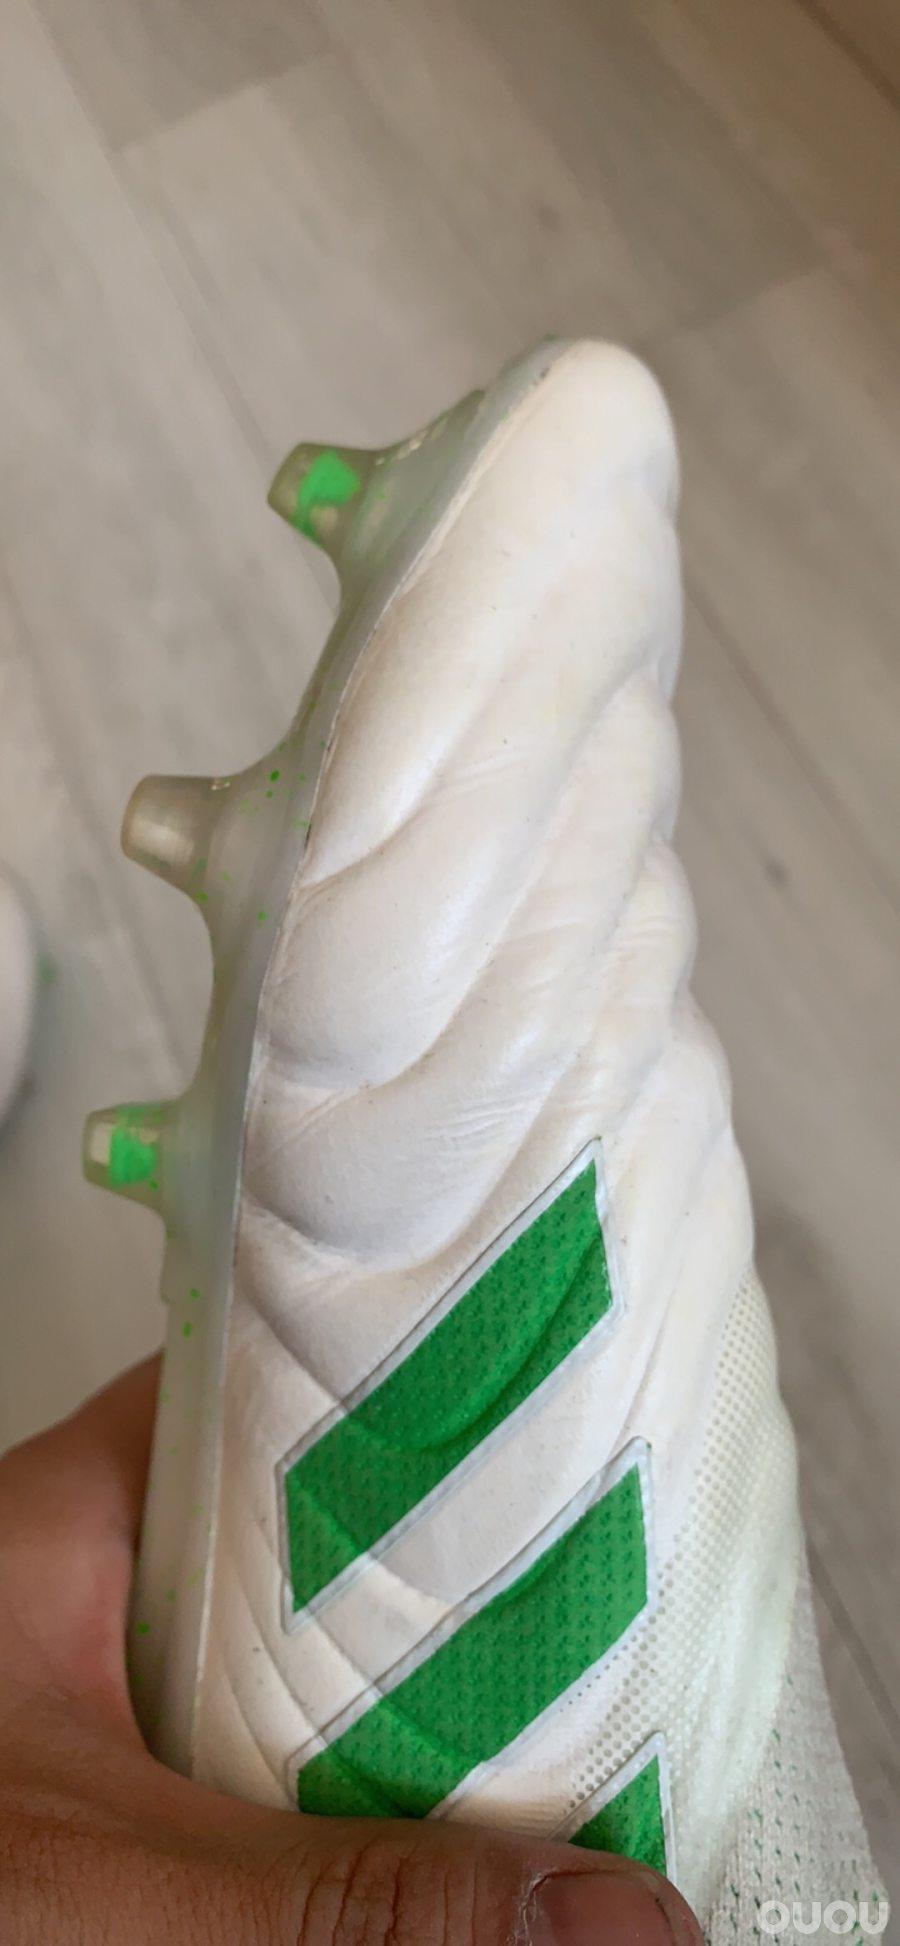 想请各位球星帮忙看看这双鞋真假